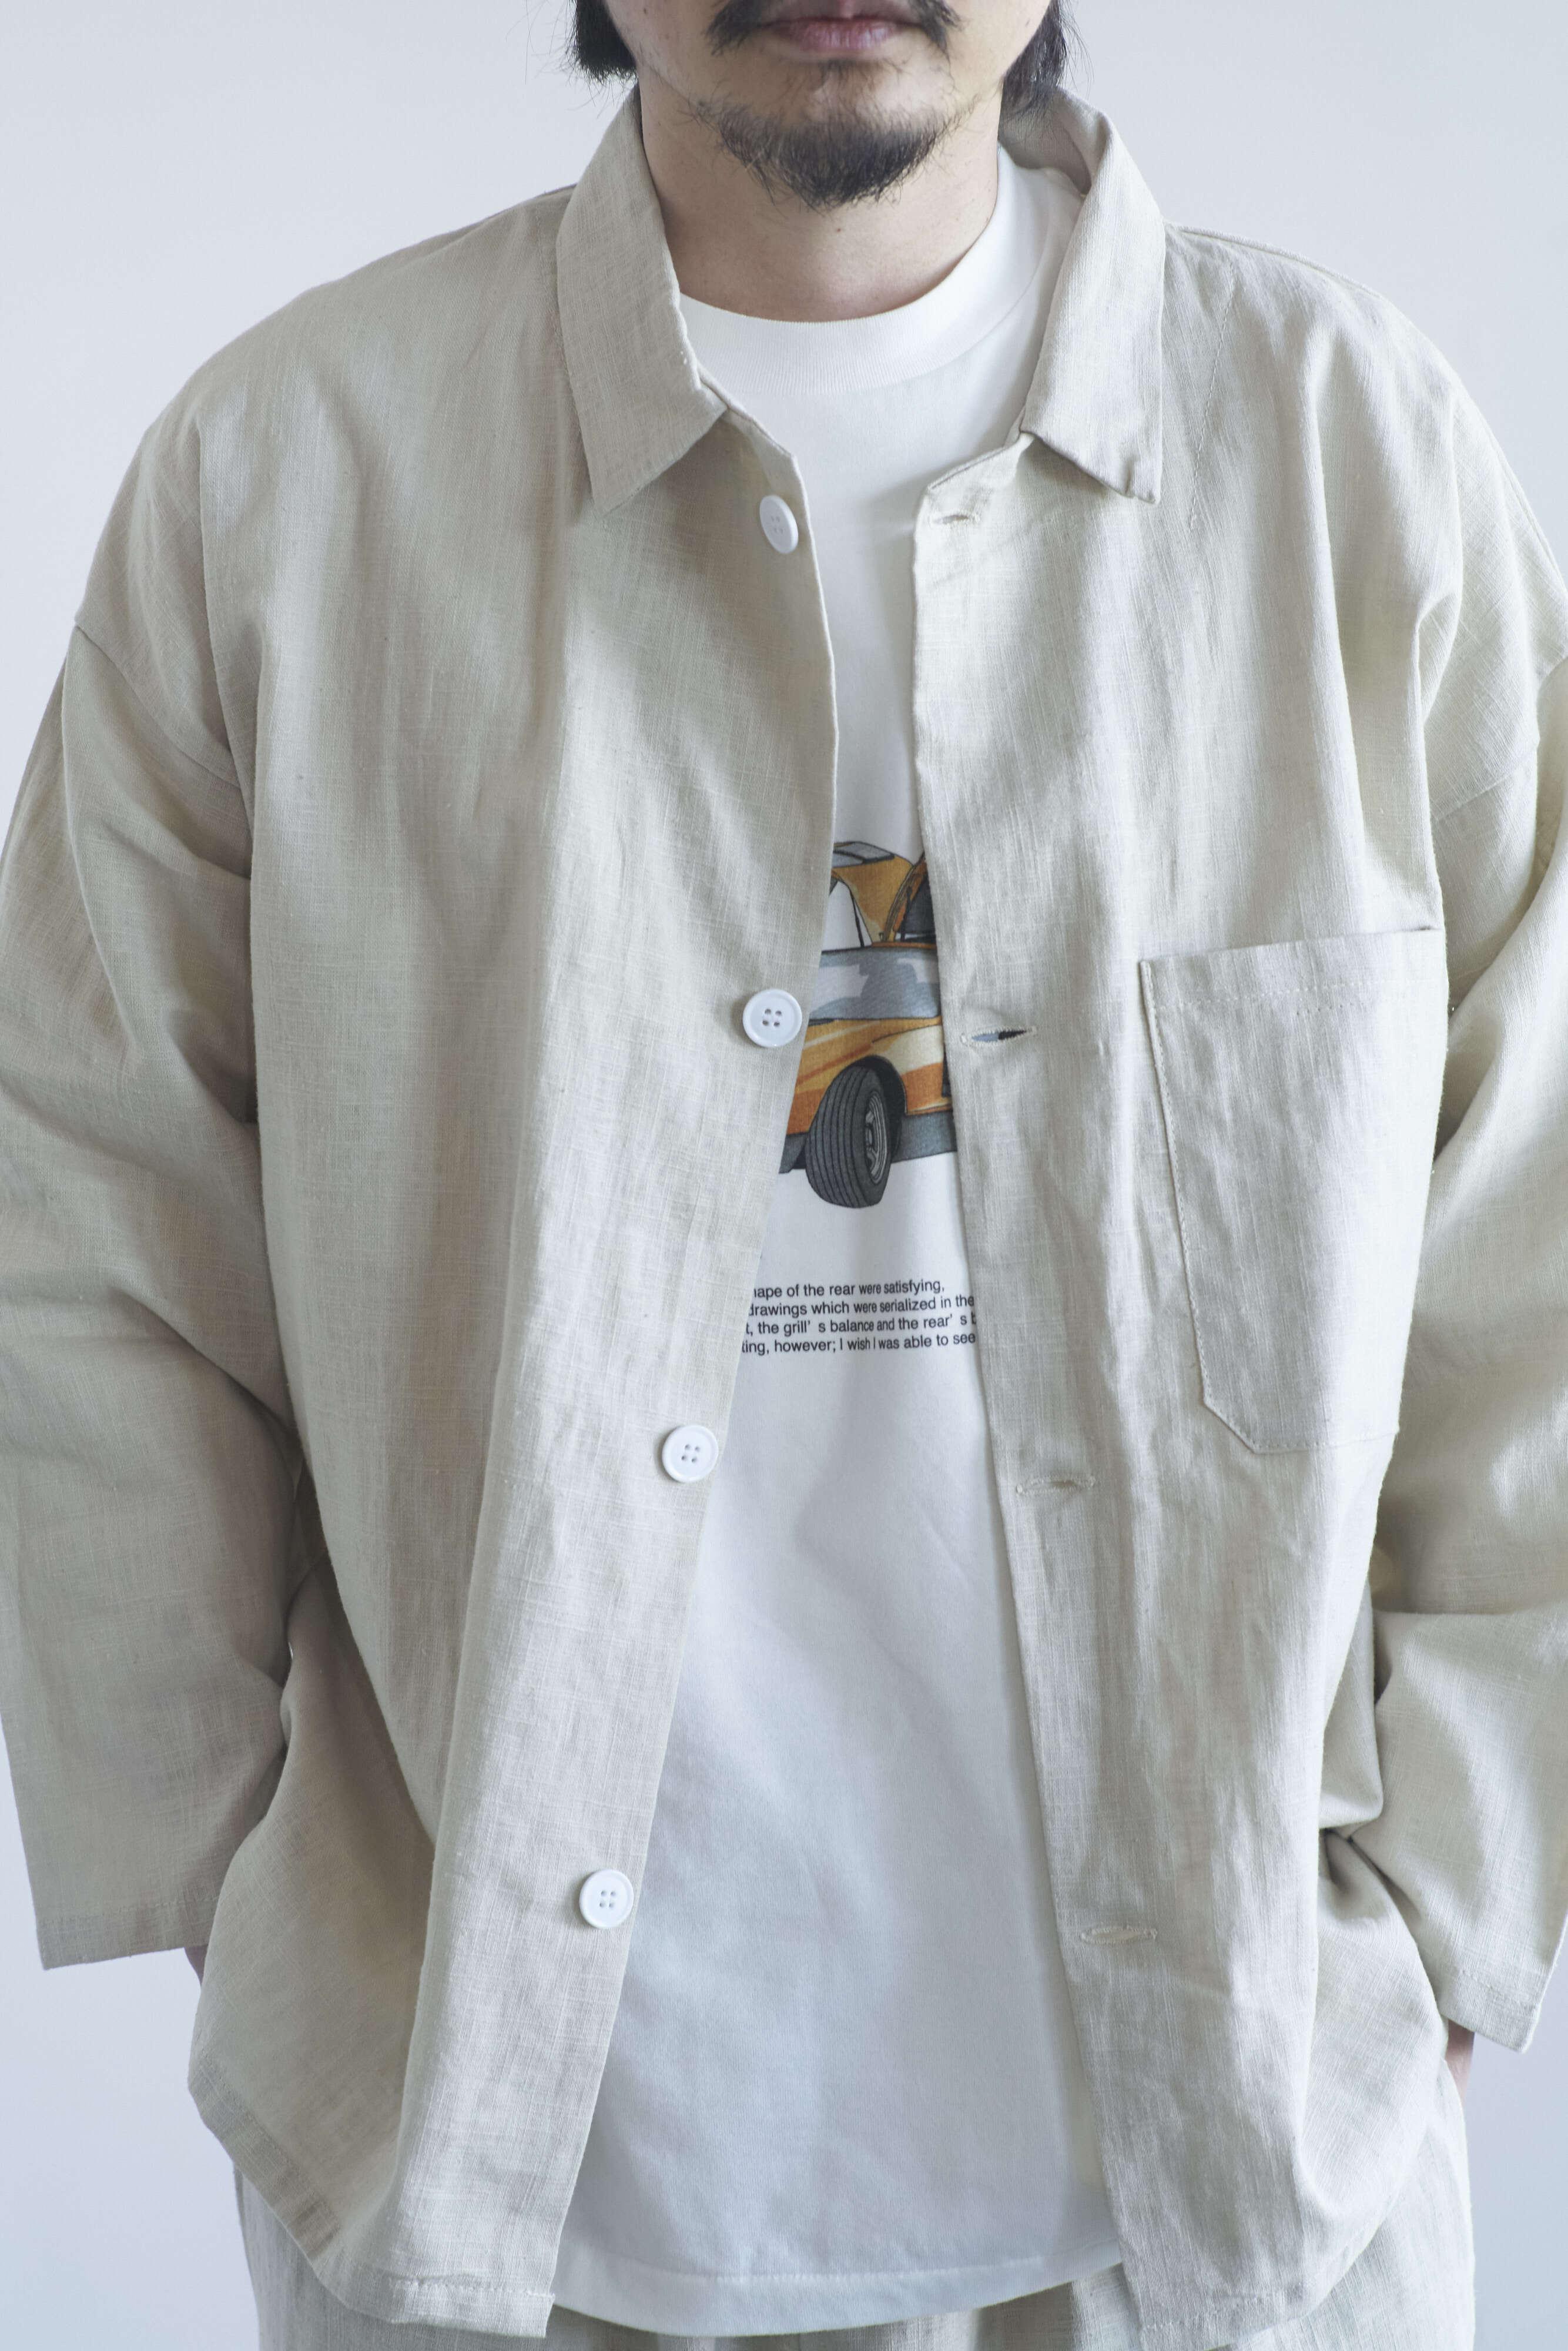 Regency Works Drop Shldr Engineers Shirts